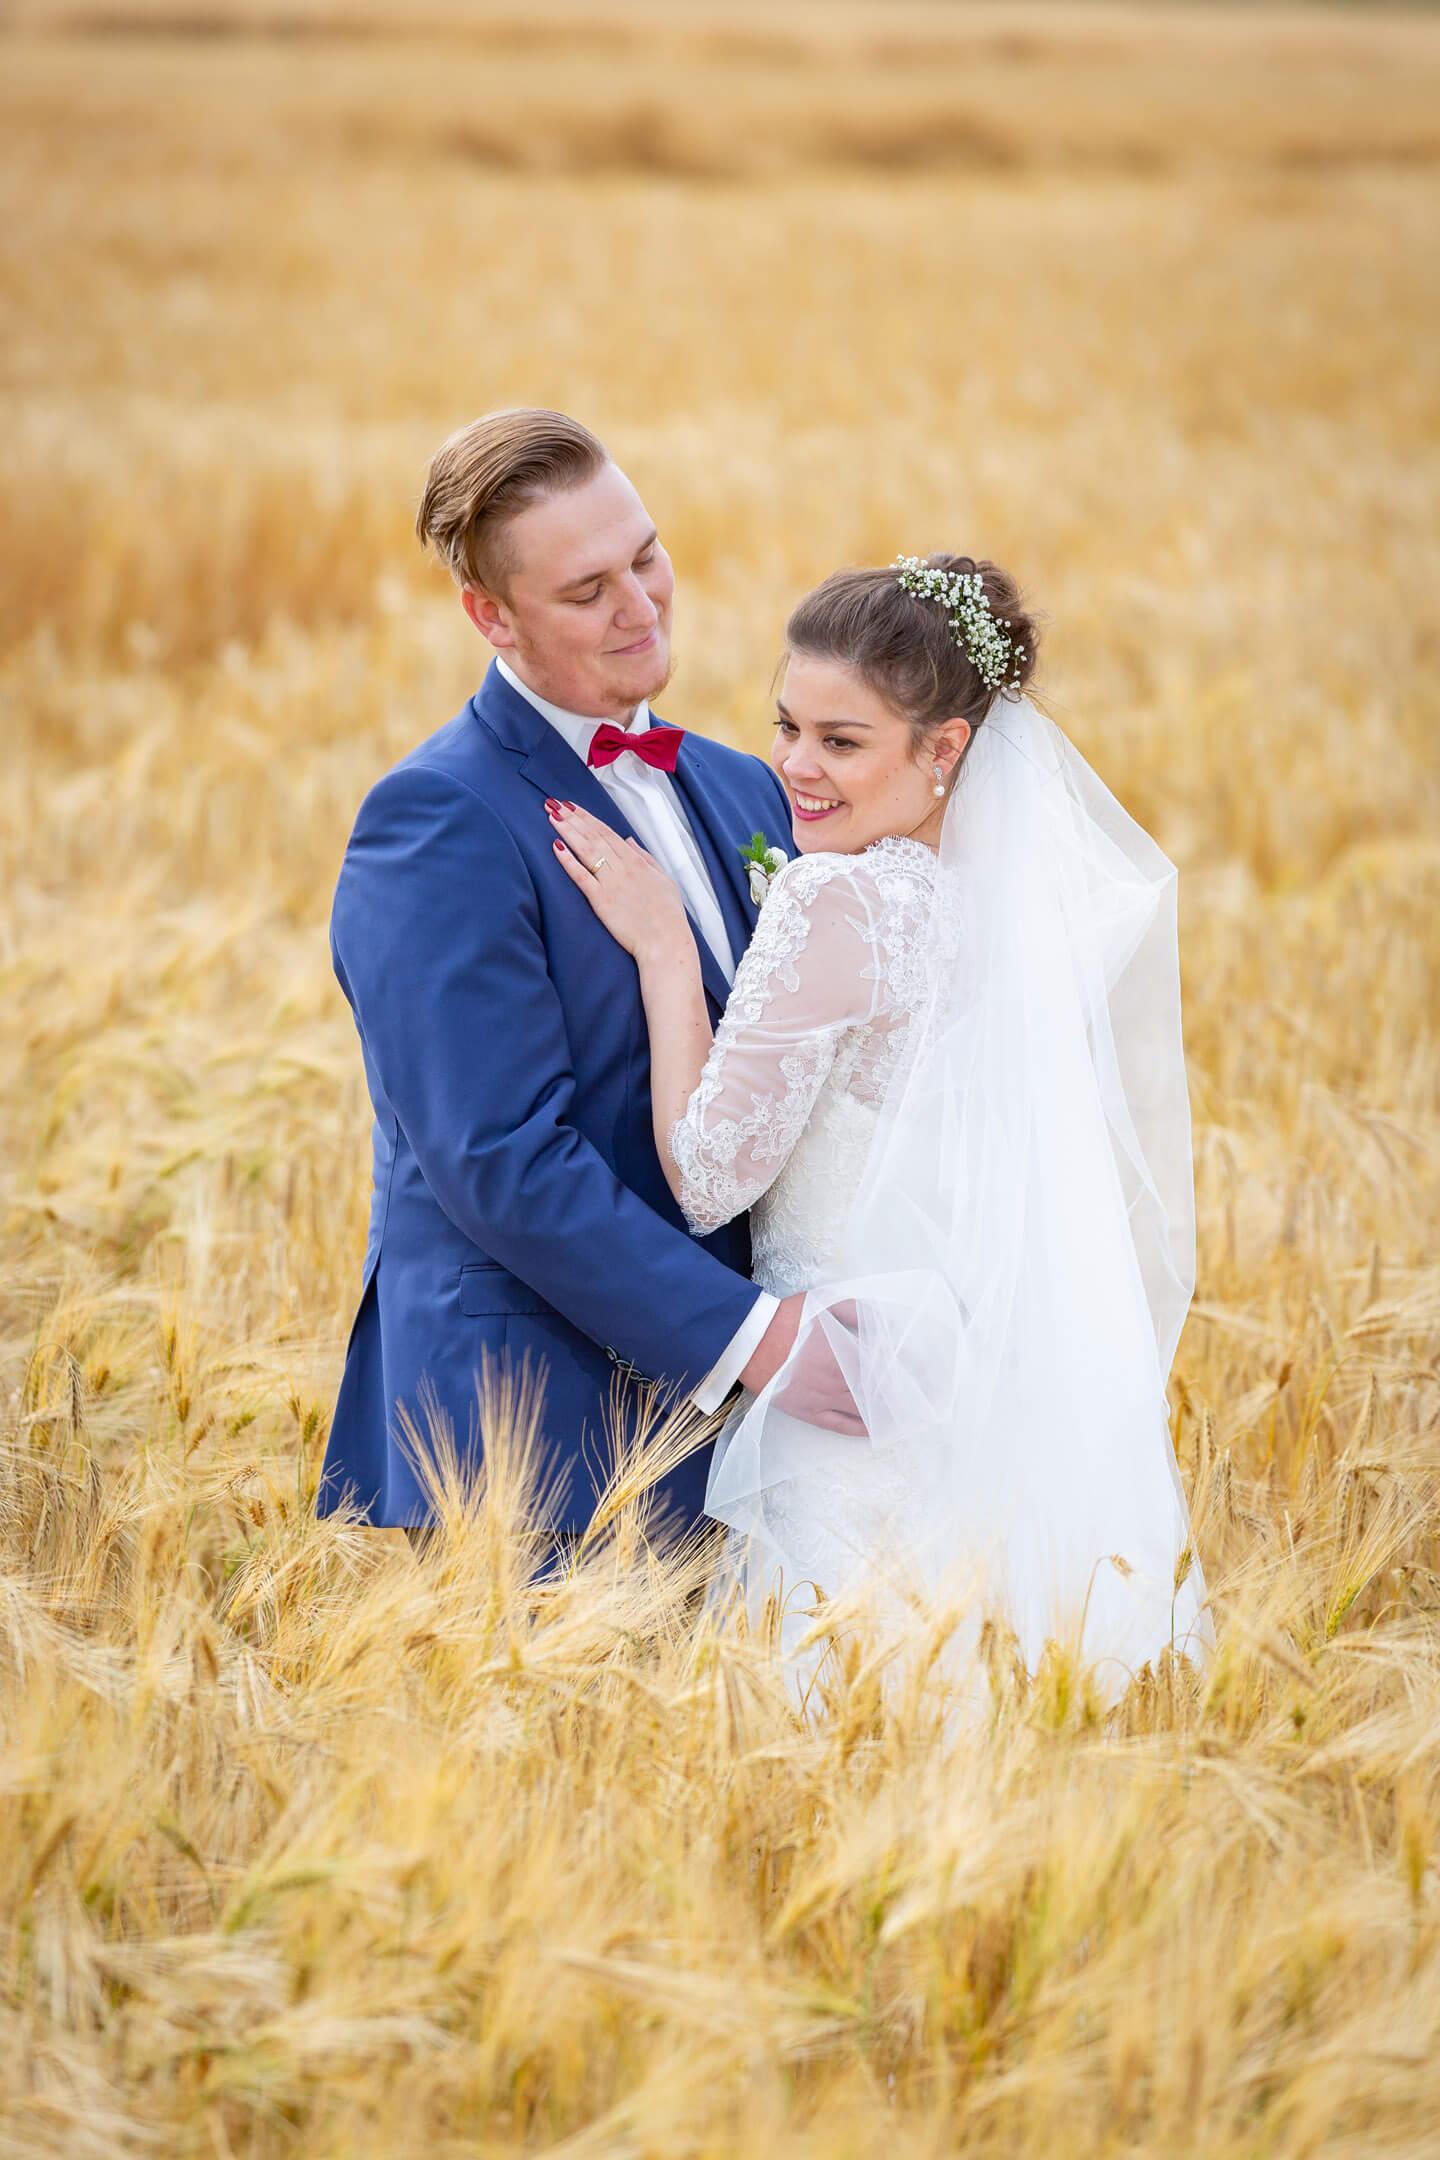 Hochzeitsfotograf Florian Läufer aus Hamburg hat dieses Hochzeitspaar im Kornfeld abgelichtet